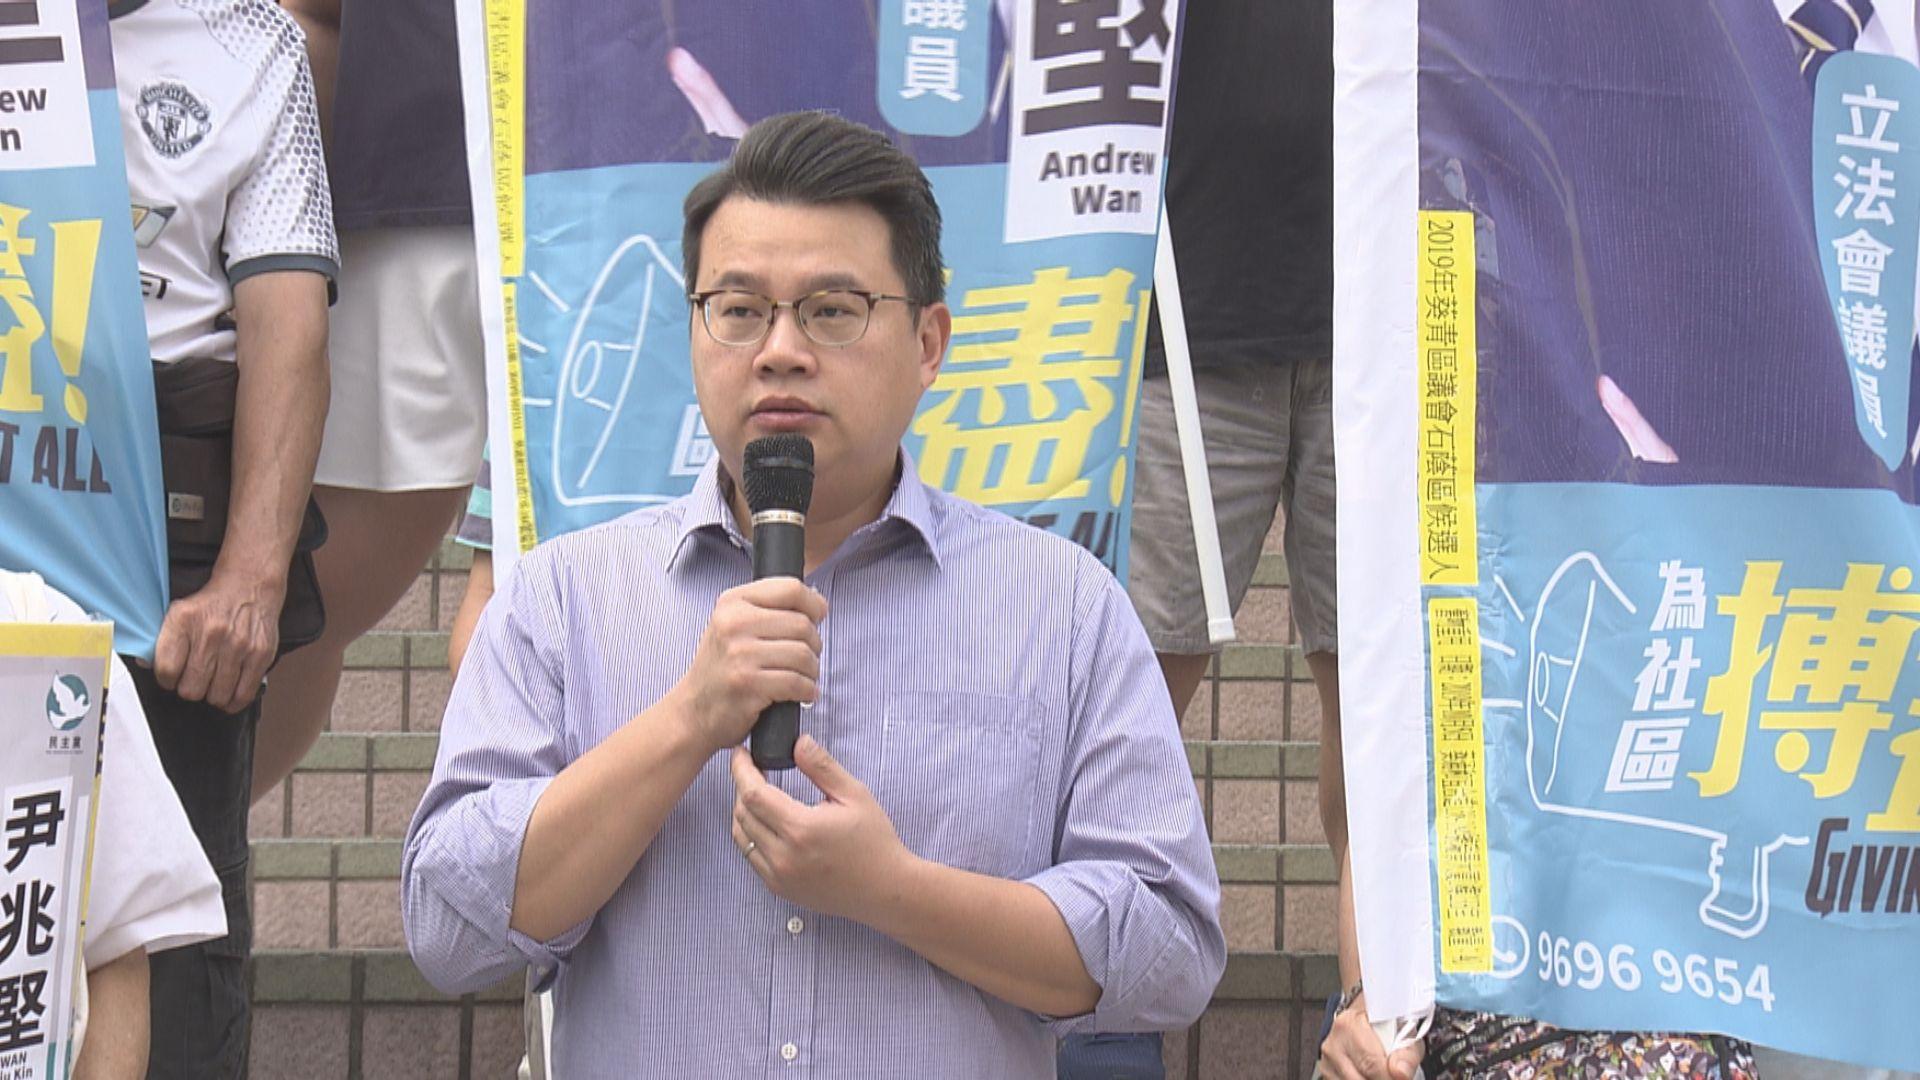 尹兆堅徐子見辭任區議員 稱未能履行議員職務